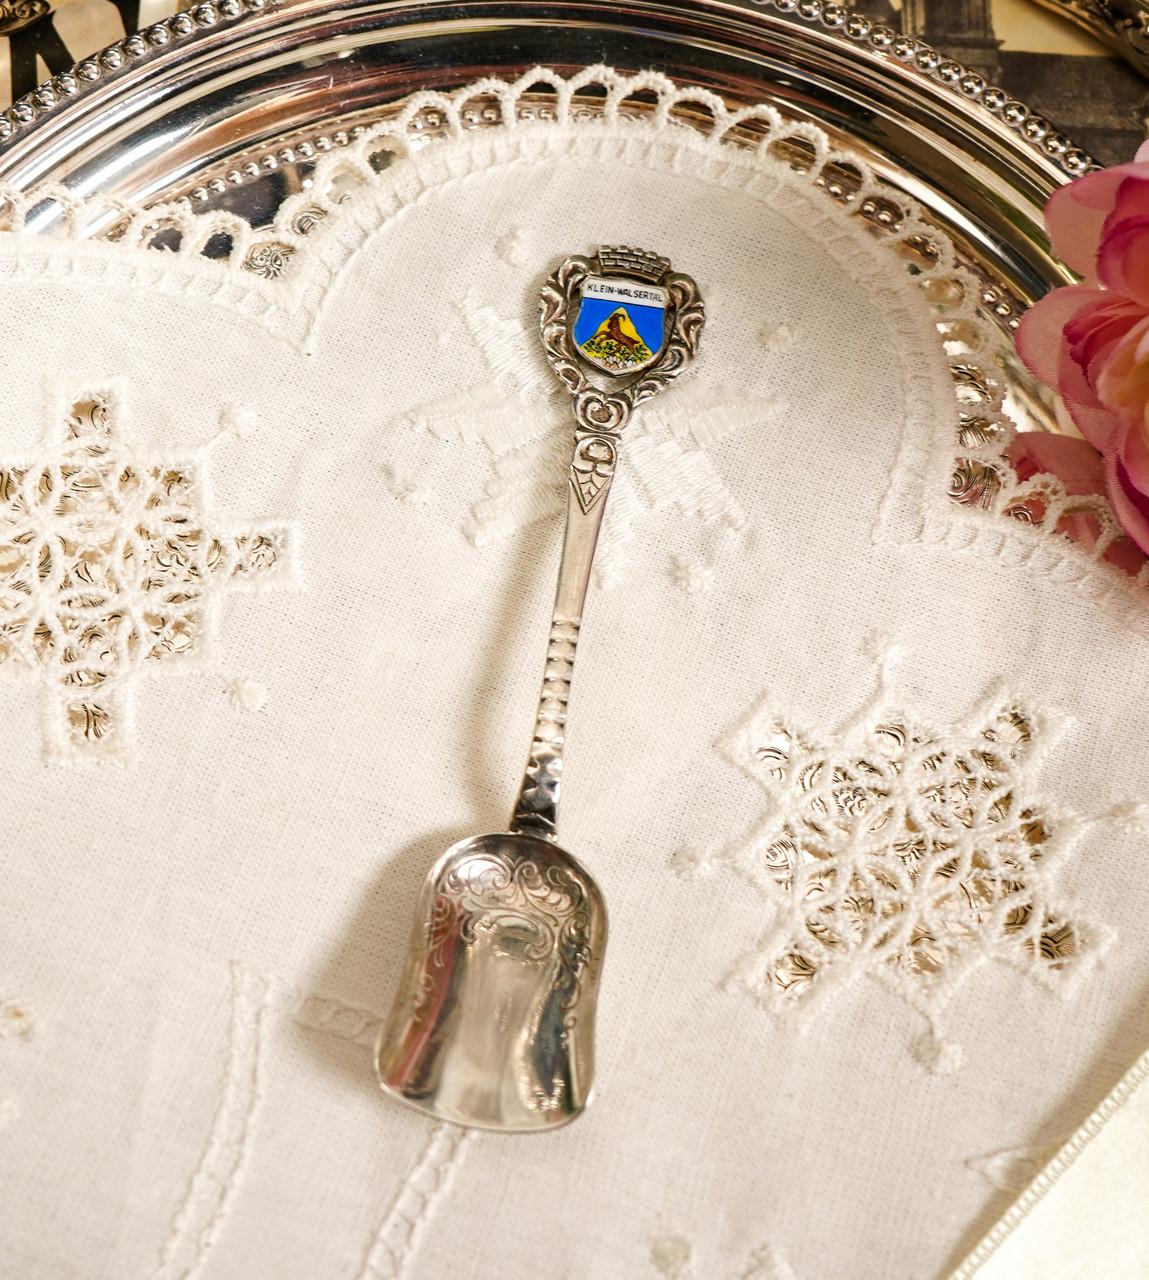 Коллекционная серебряная ложка, Kleinwalsertal, серебро 800 пробы, Австрия